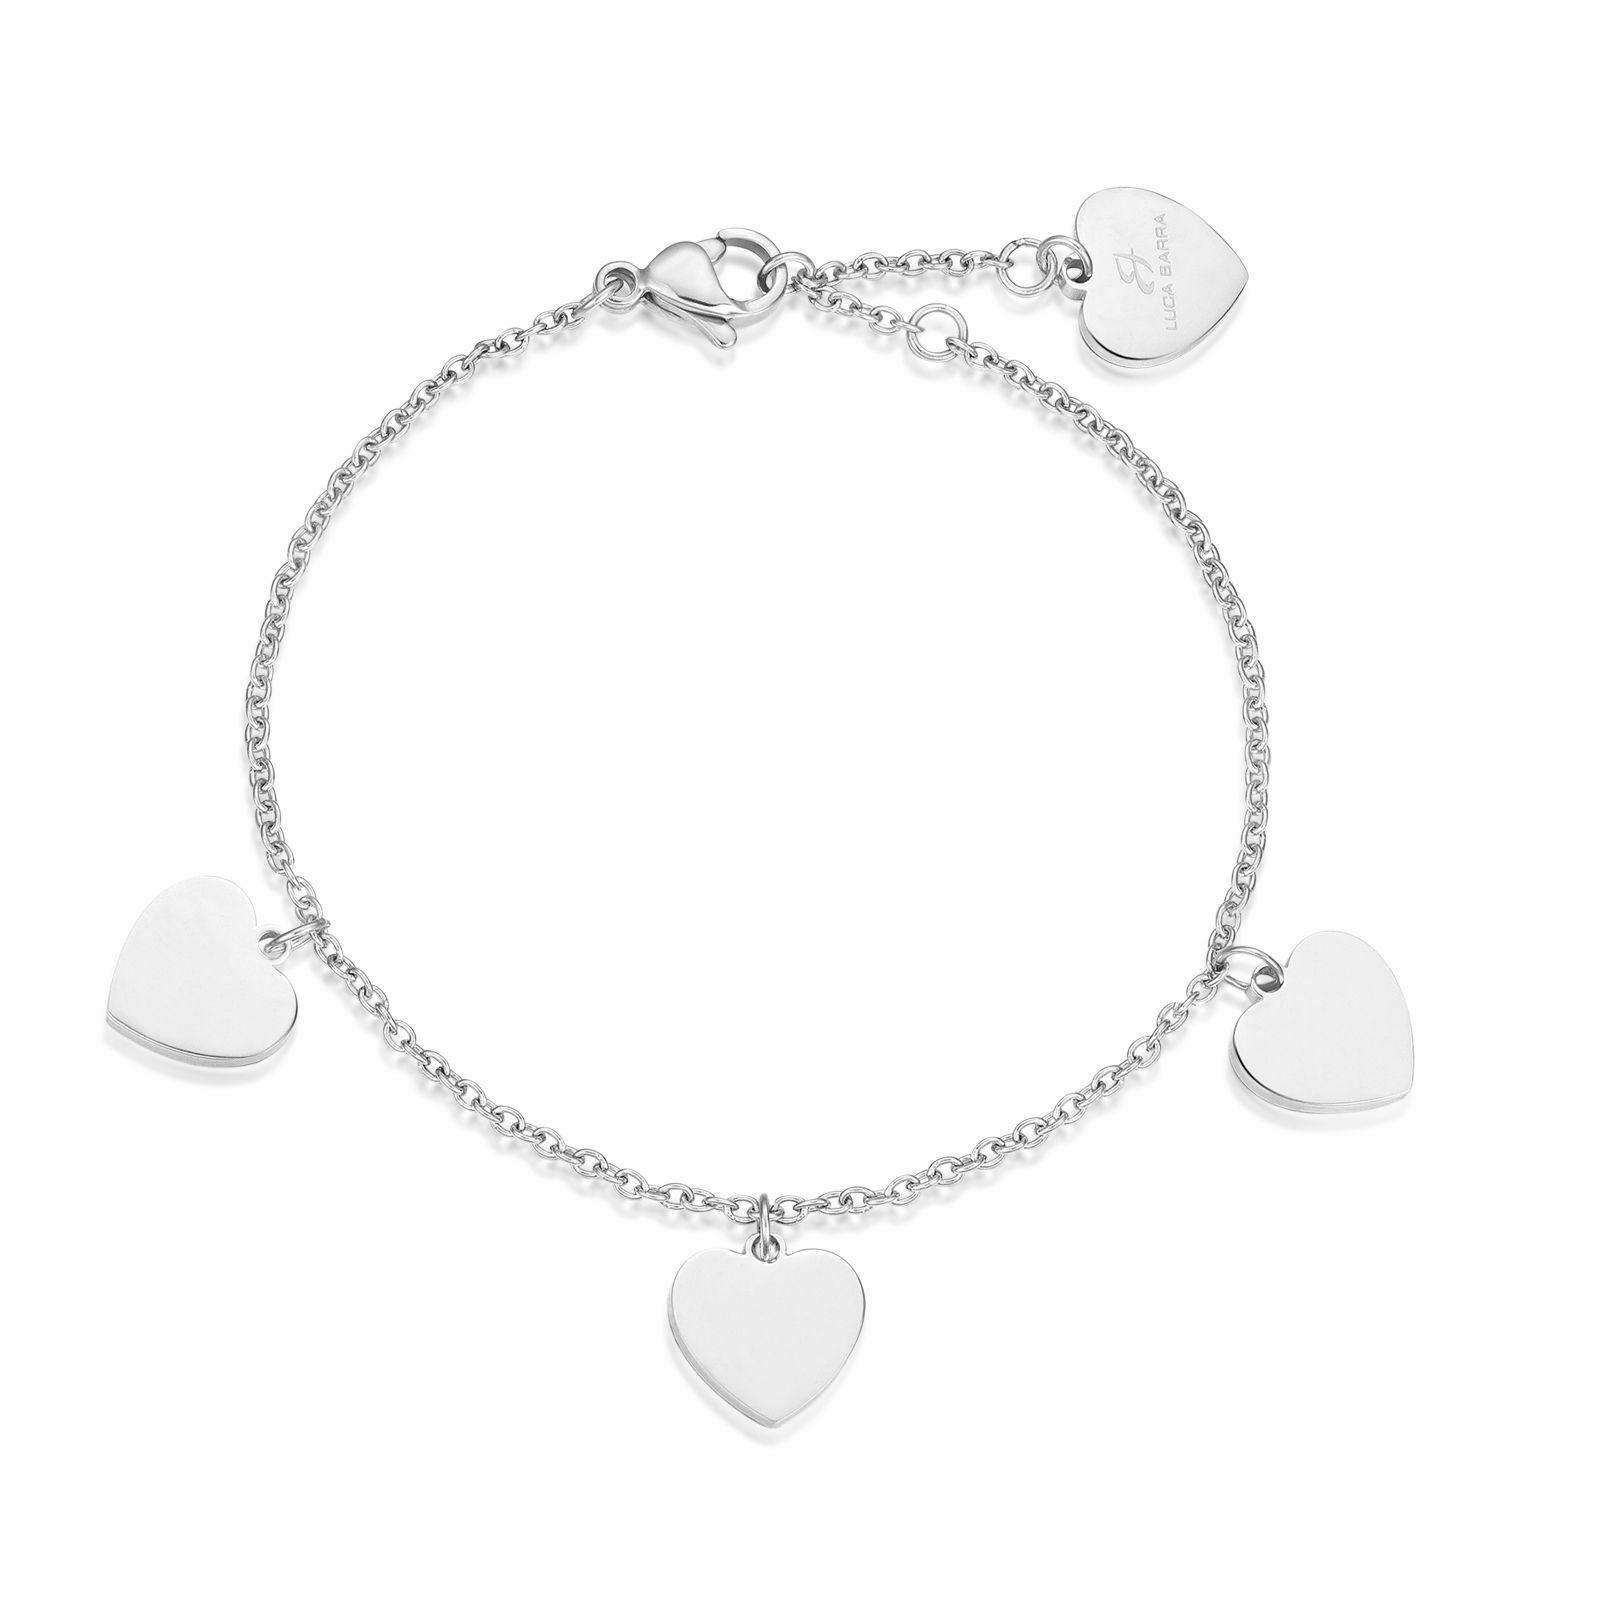 Bracciale donna Luca Barra con ciondoli cuore in acciaio BK1660